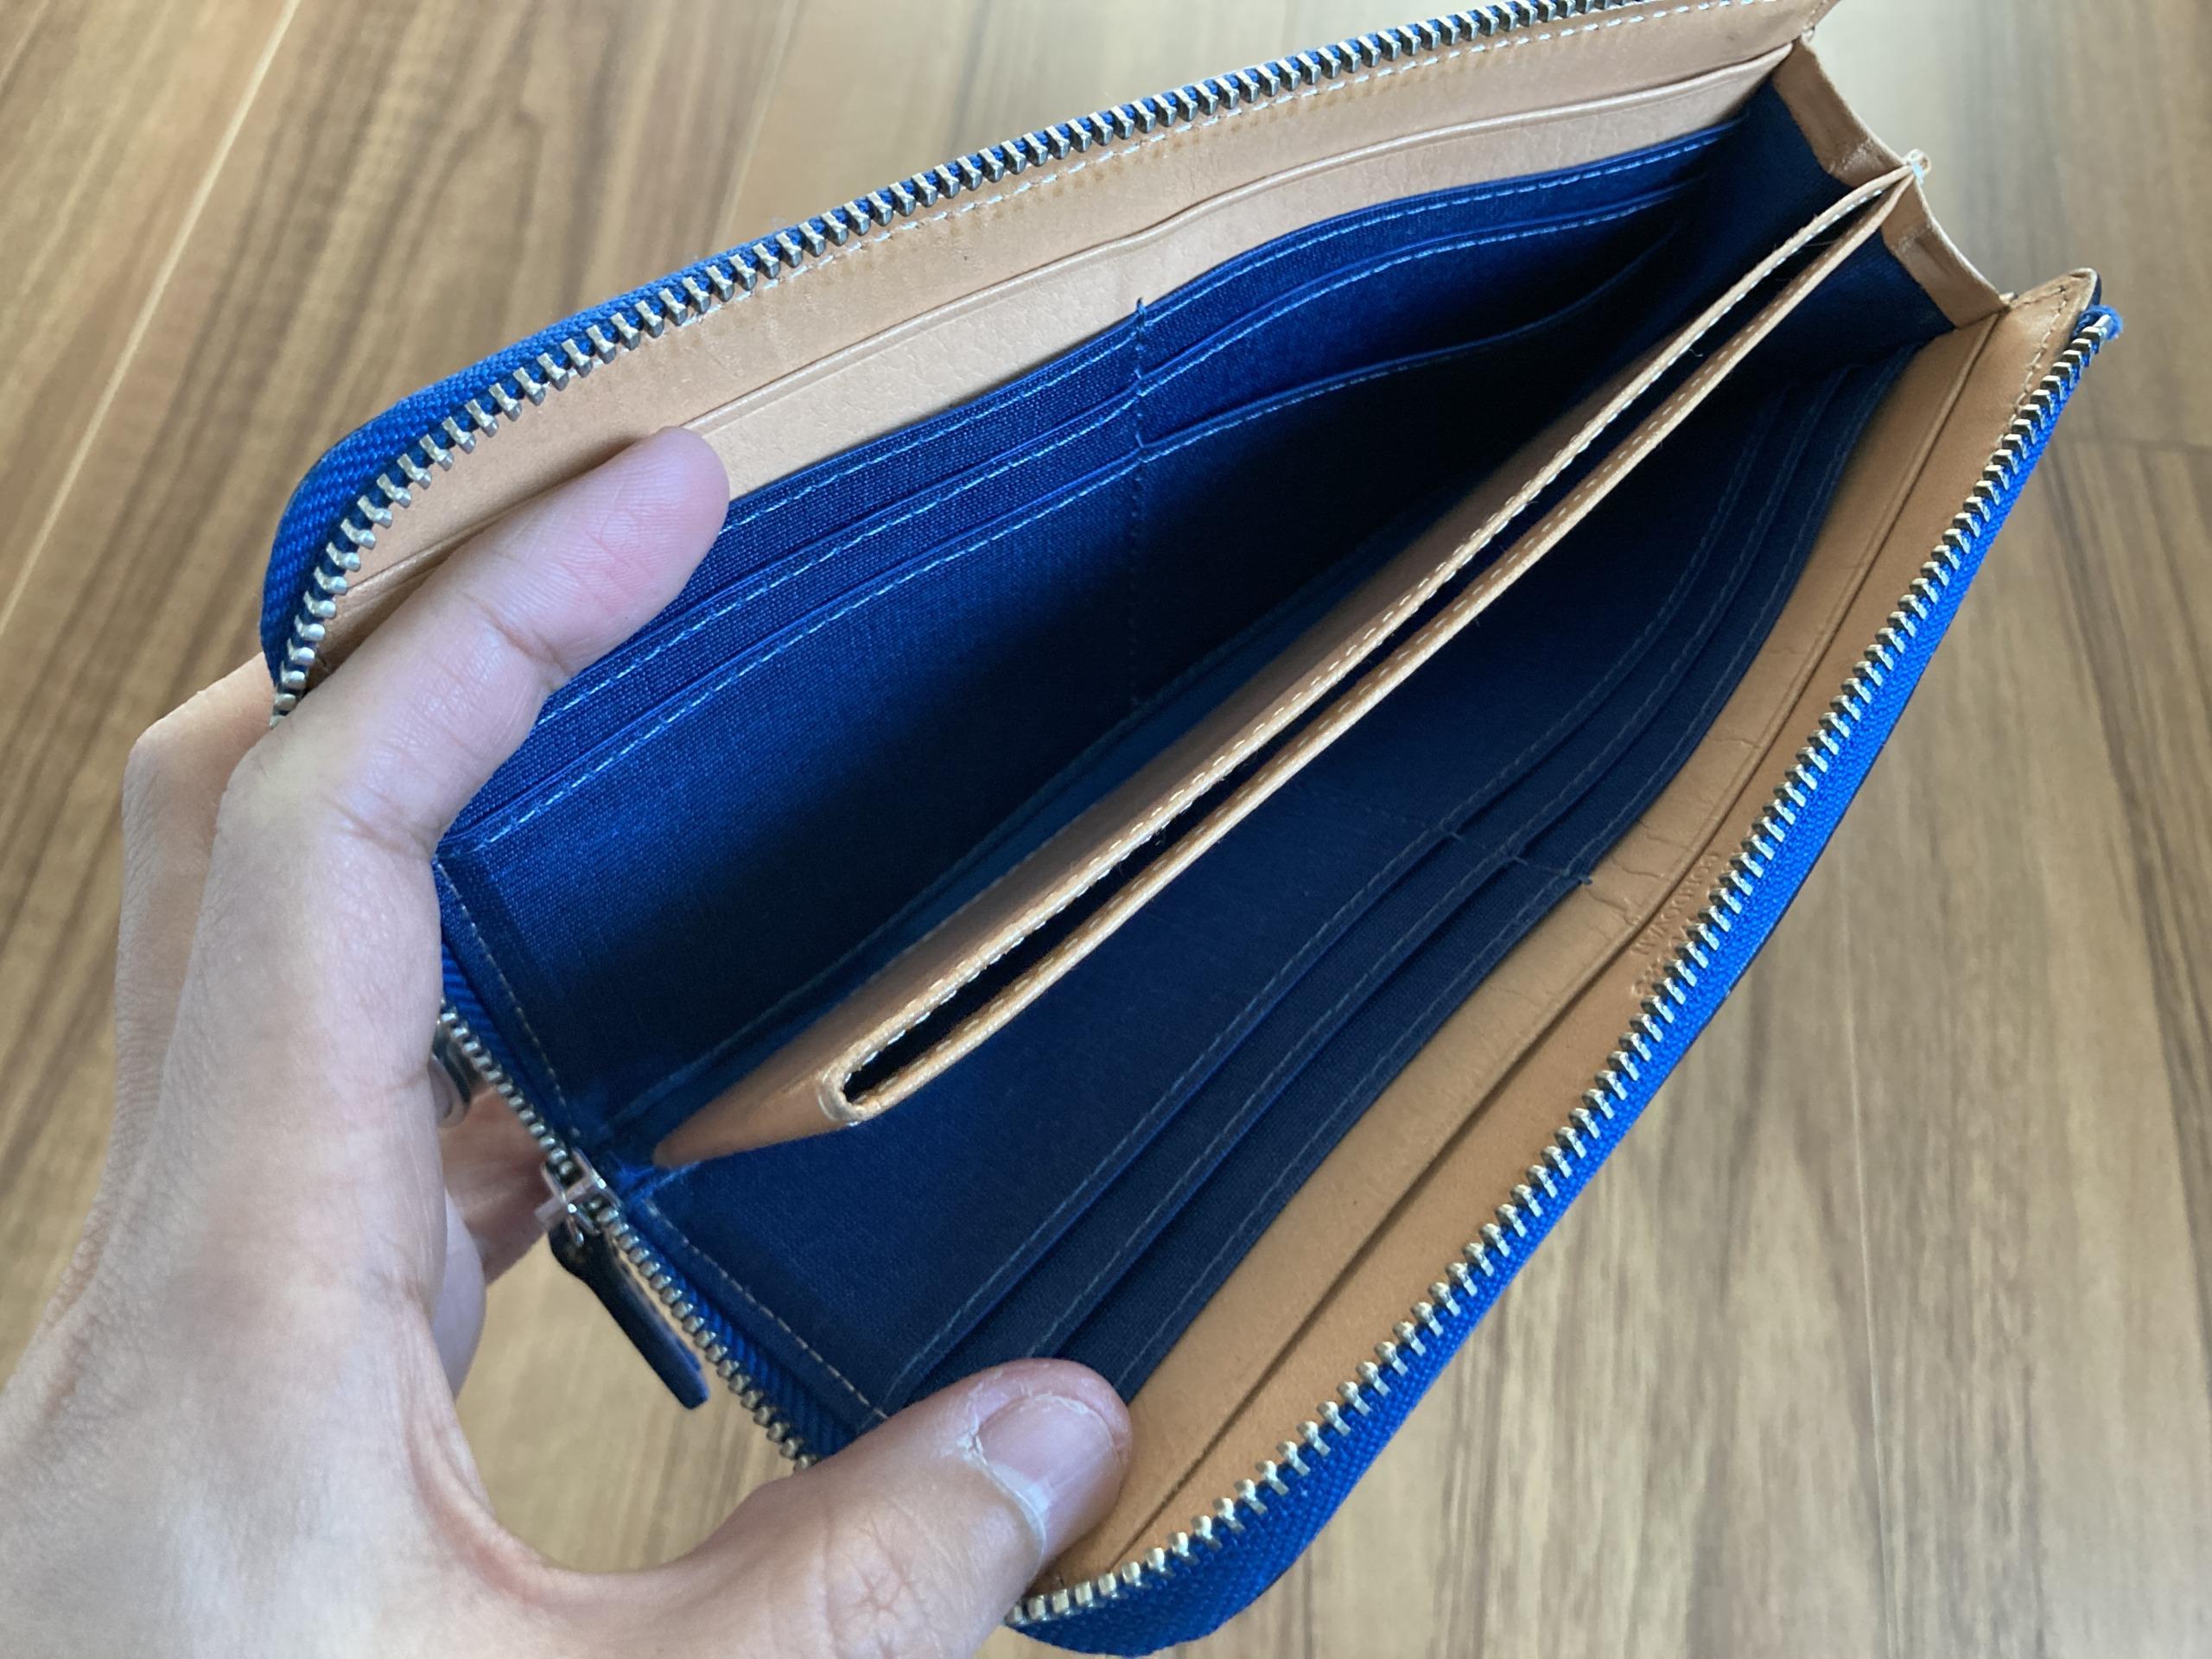 新喜皮革コードバンL字ファスナーロングウォレット 長財布 1年3ヶ月 エイジング 経年変化 内側